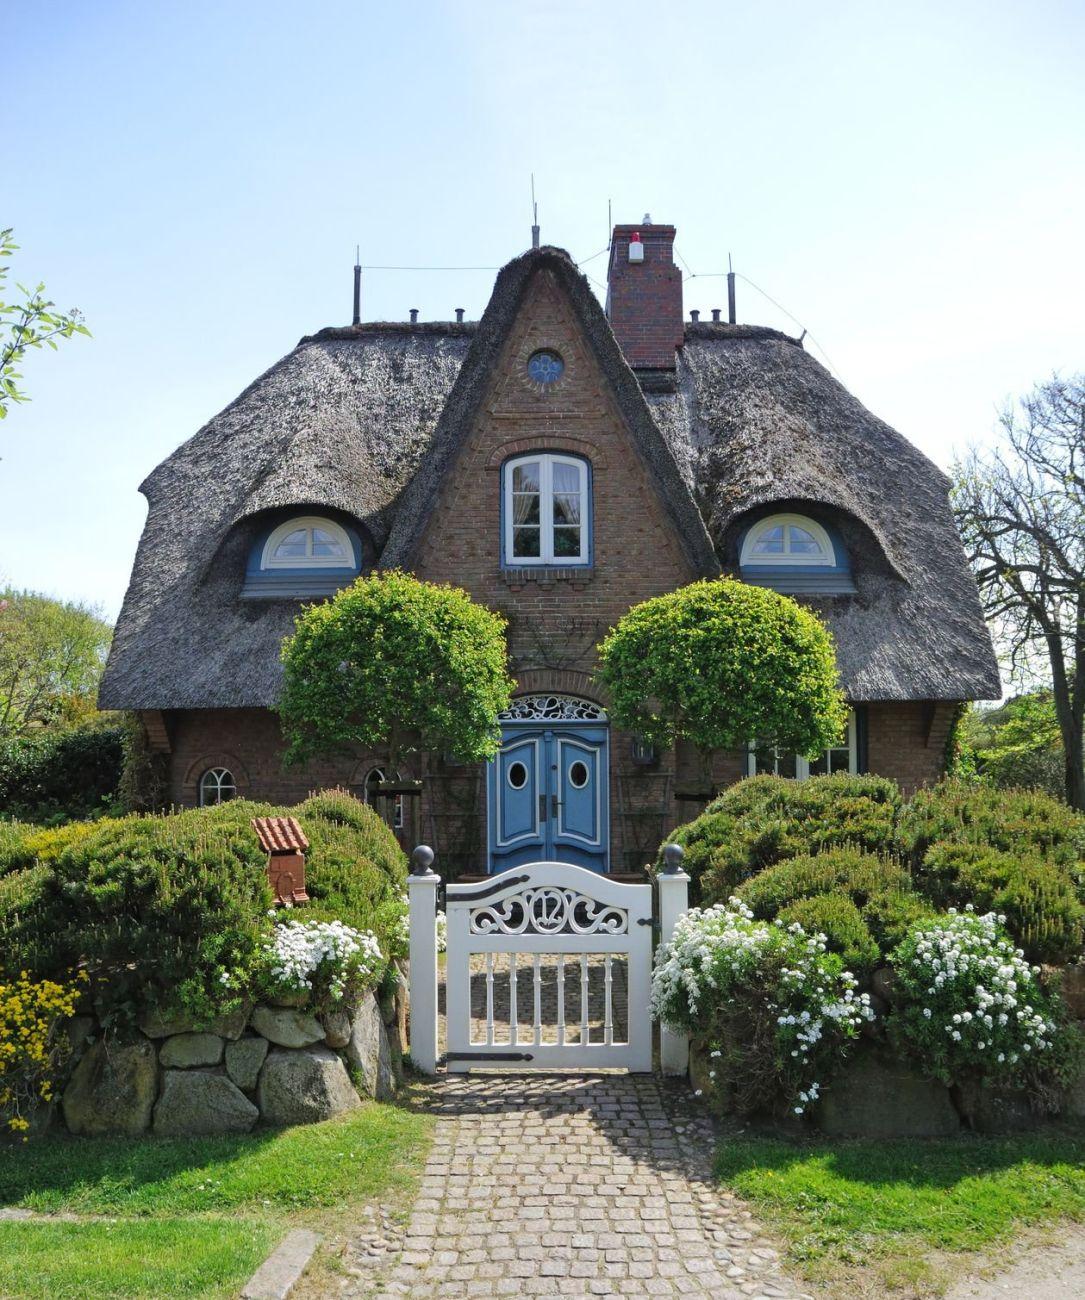 Casele acoperite cu stuf nu sunt doar fermecatoare ci si for Piani di casa cottage storybook